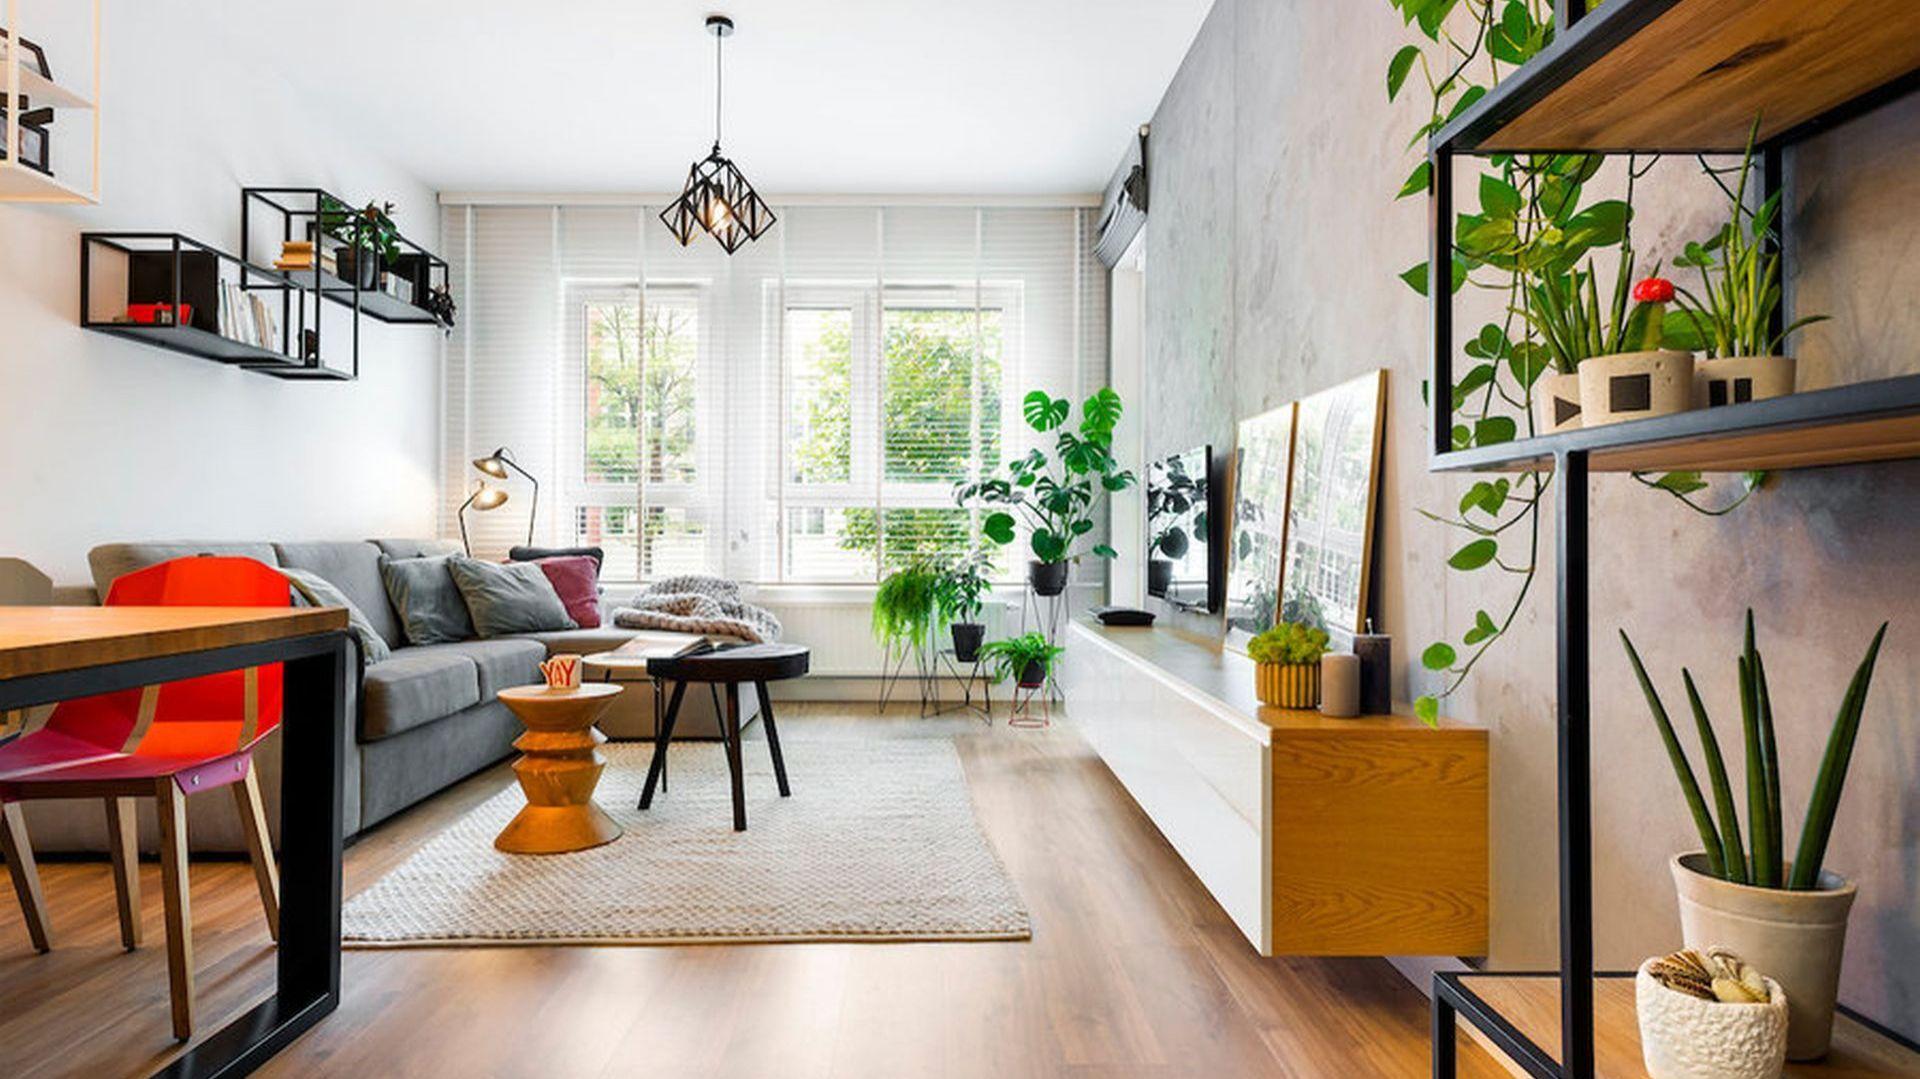 W małym salonie świetnie sprawdzi się kanapa lub narożnik pod ścianą. Projekt: Krystyna Dziewanowska, Red Cube Design. Zdjęcia: Mateusz Torbus, 7TH IDEA